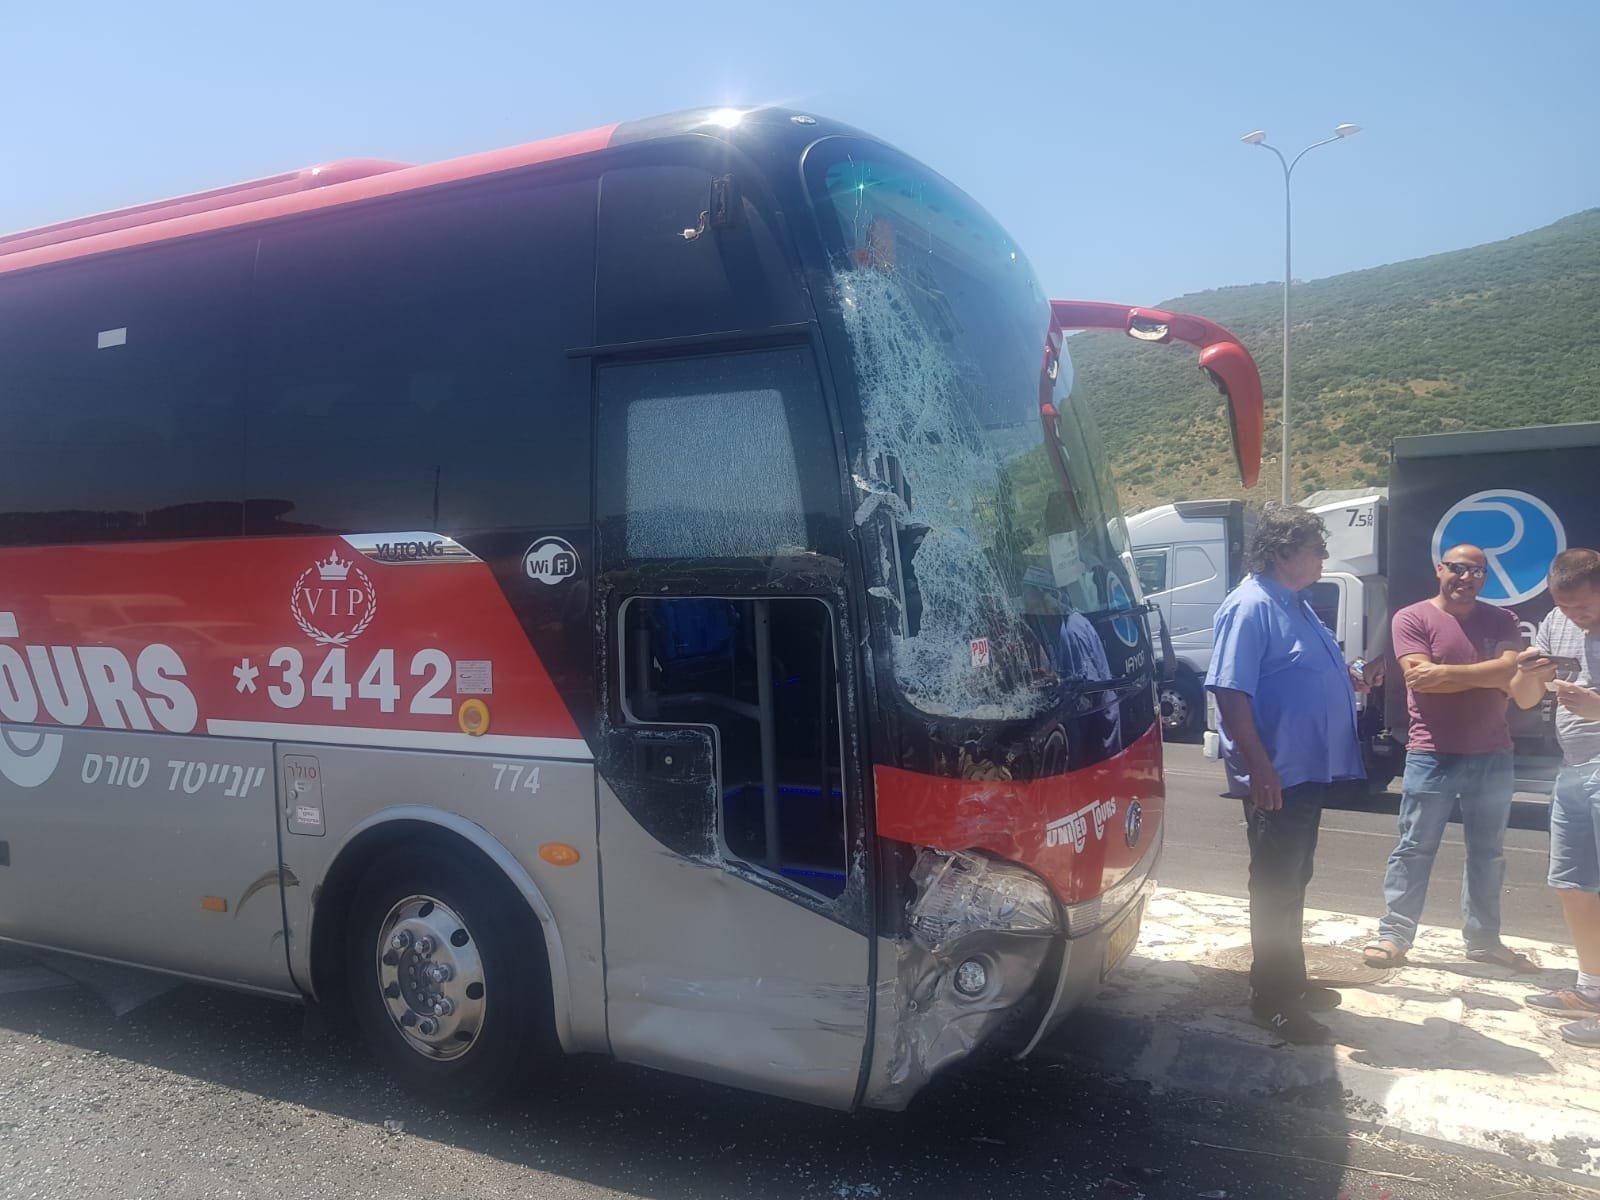 حادث طرق بالقرب من حيفا نتج عنه 4 اصابات متفاوتة